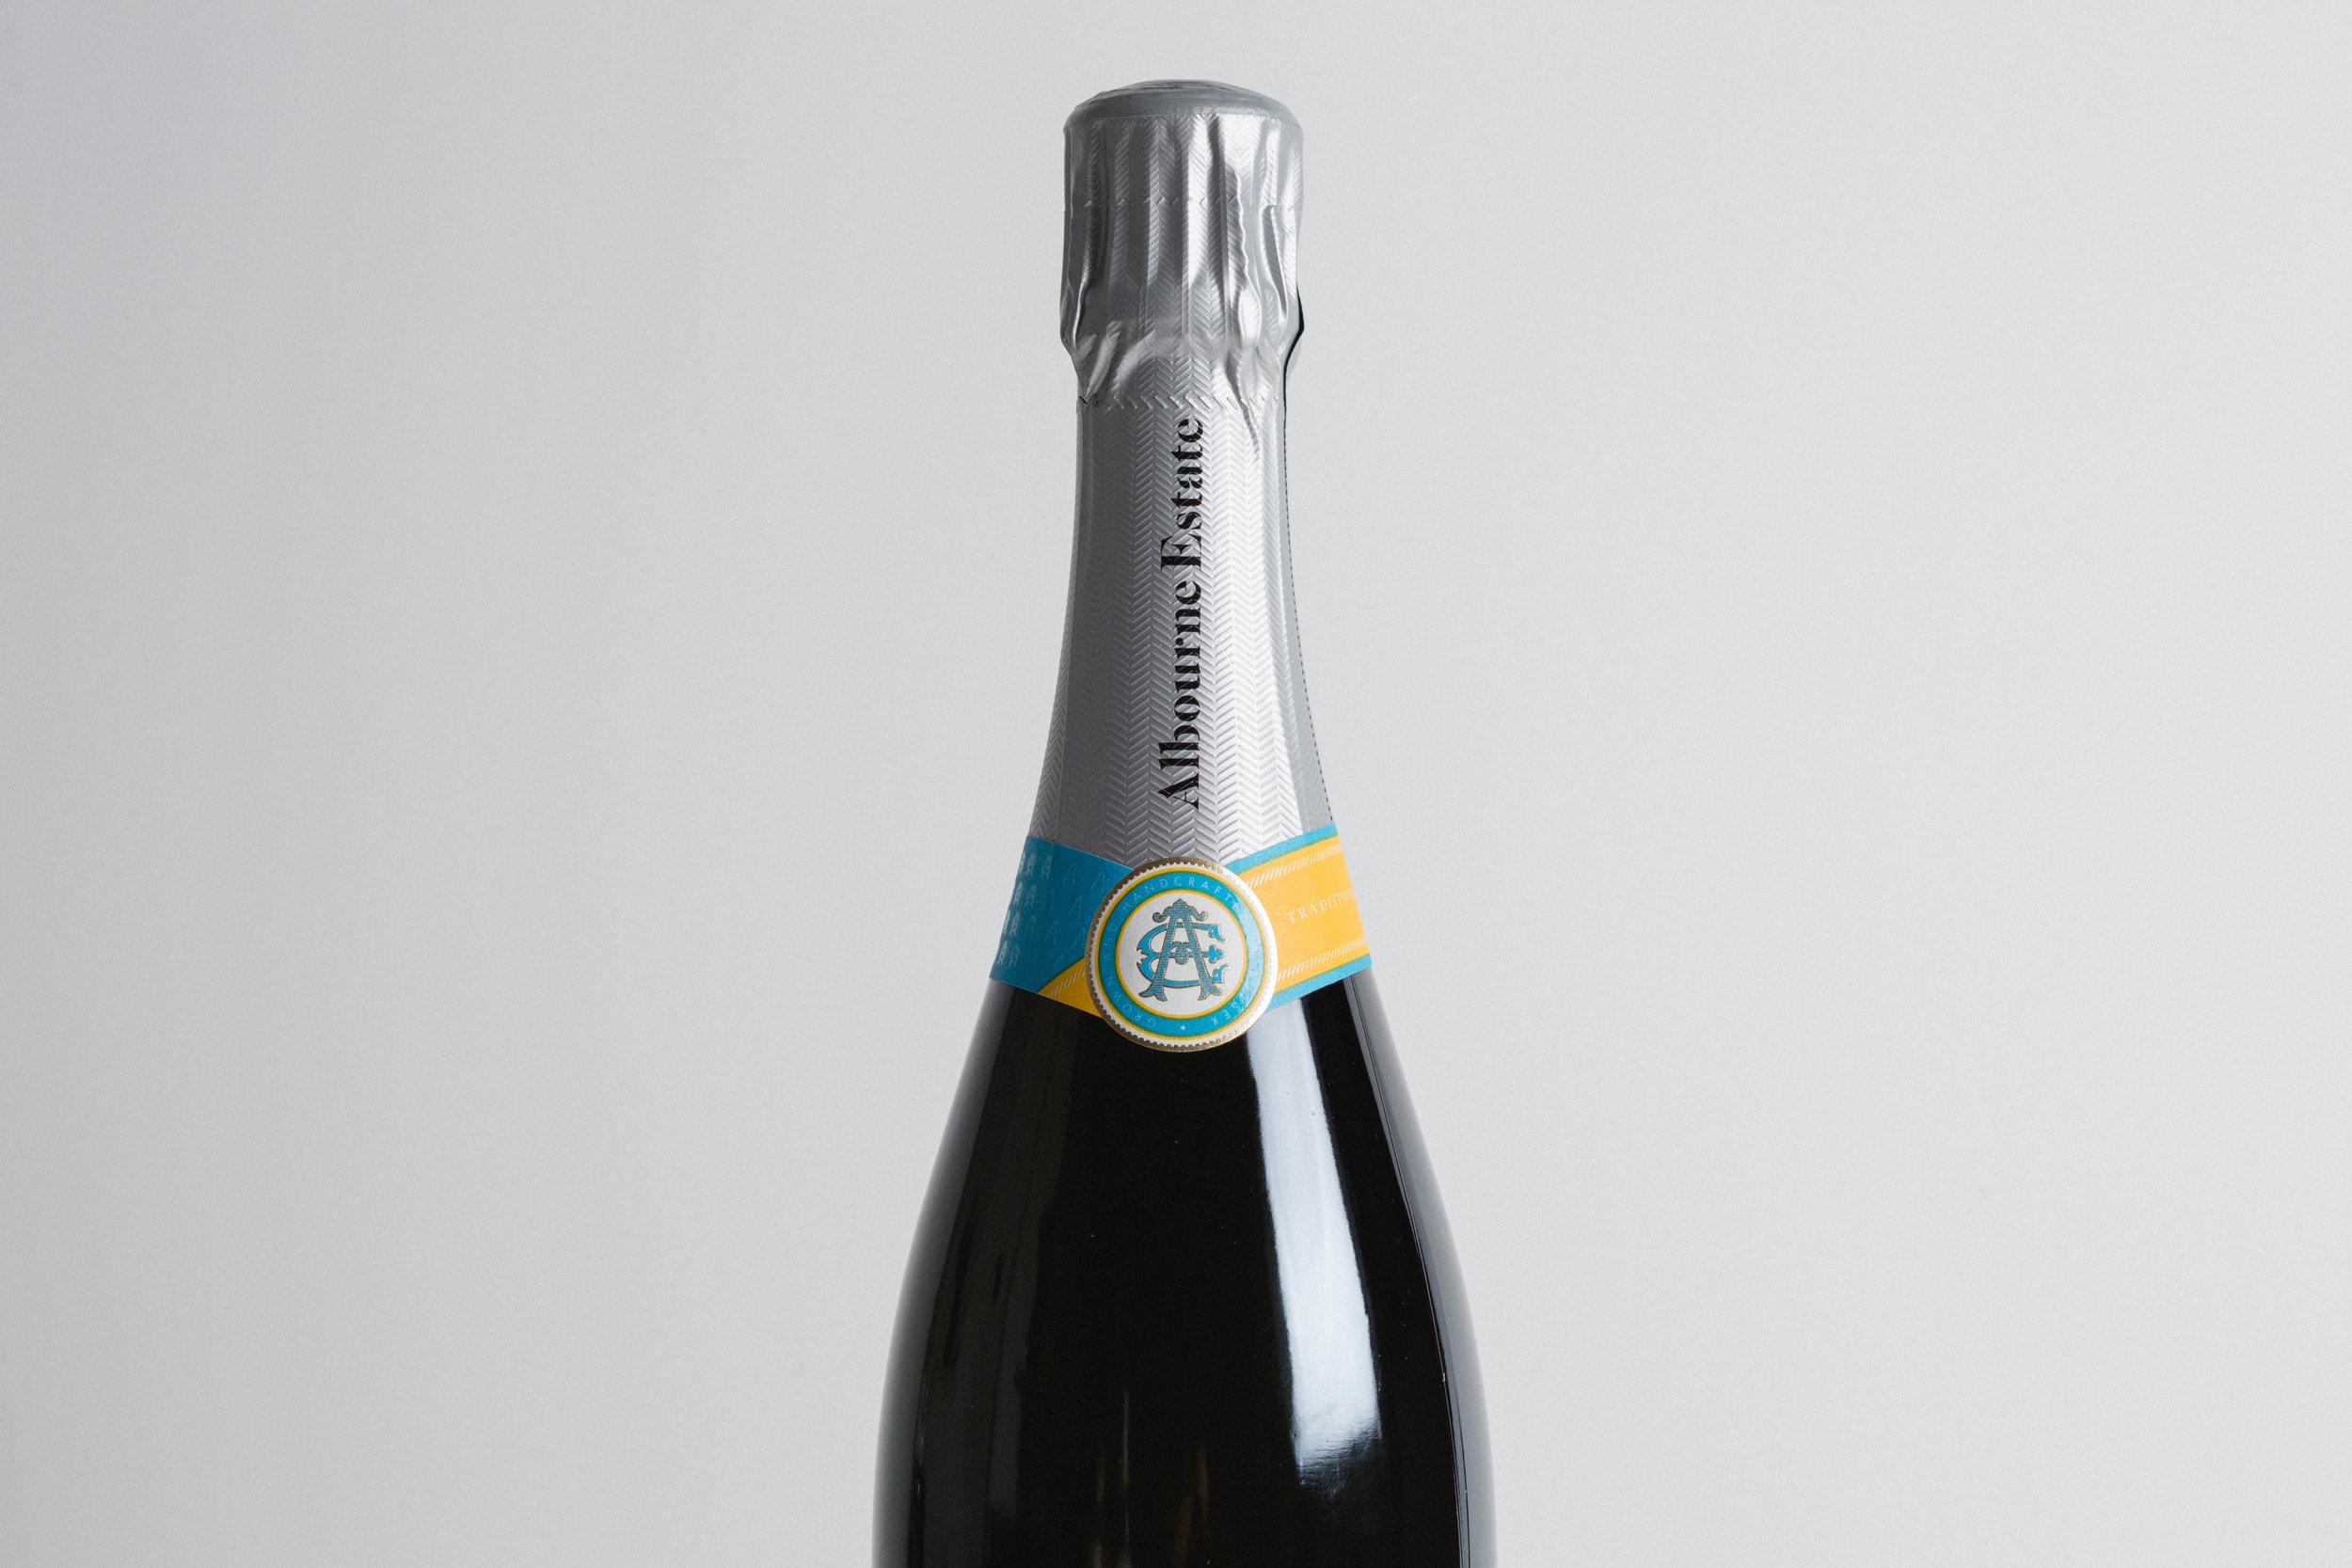 Albourne-Estate-Blanc_de_Blancs-Bottle-3.jpg